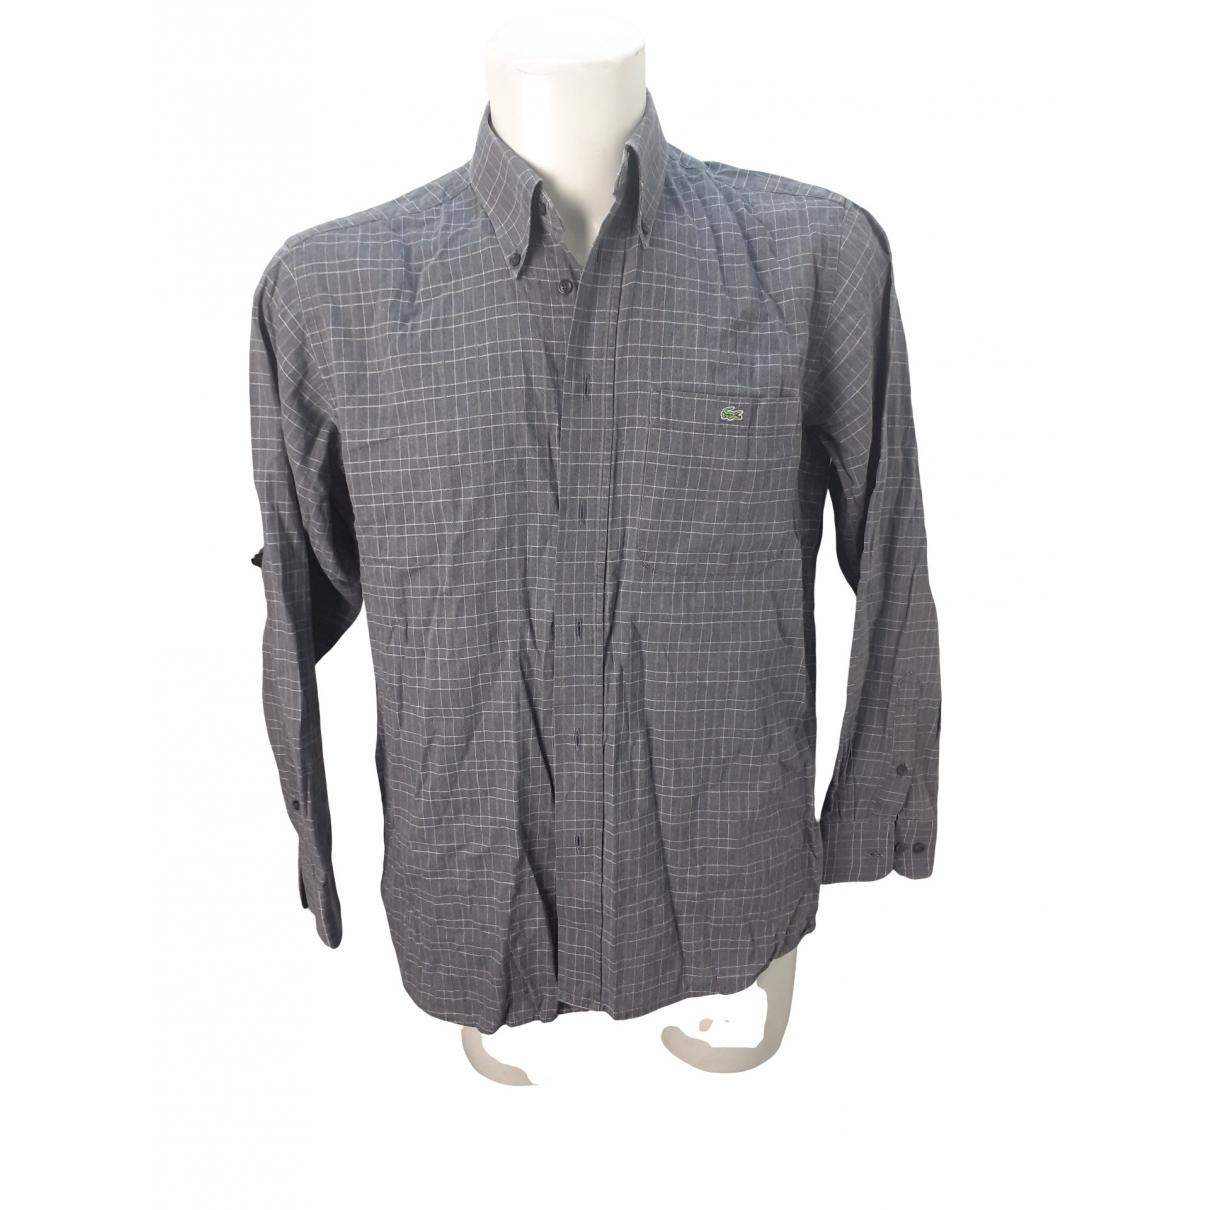 Lacoste - Chemises   pour homme en coton - anthracite